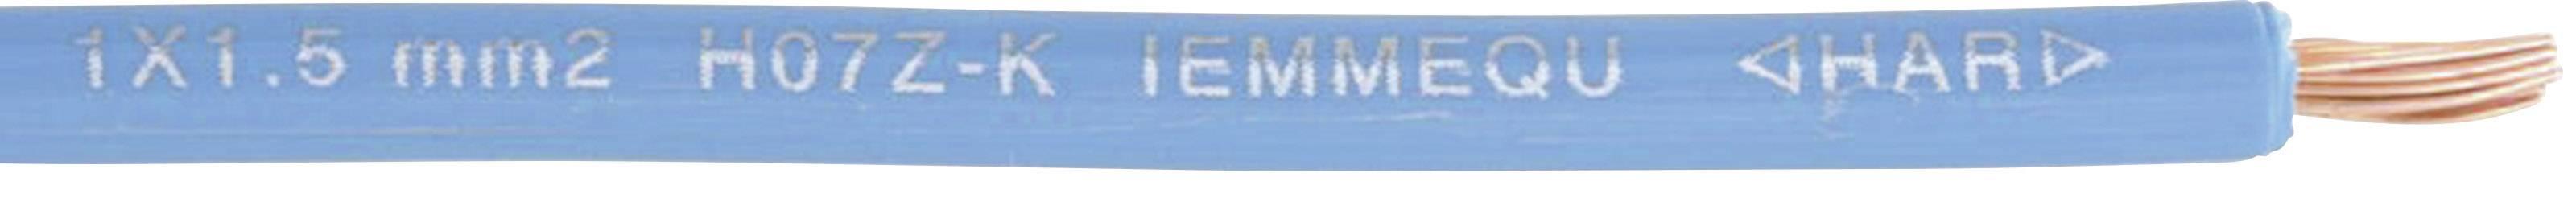 Opletenie / lanko Faber Kabel 040434 H05Z-K, 1 x 1 mm², vonkajší Ø 2.50 mm, 100 m, sivá